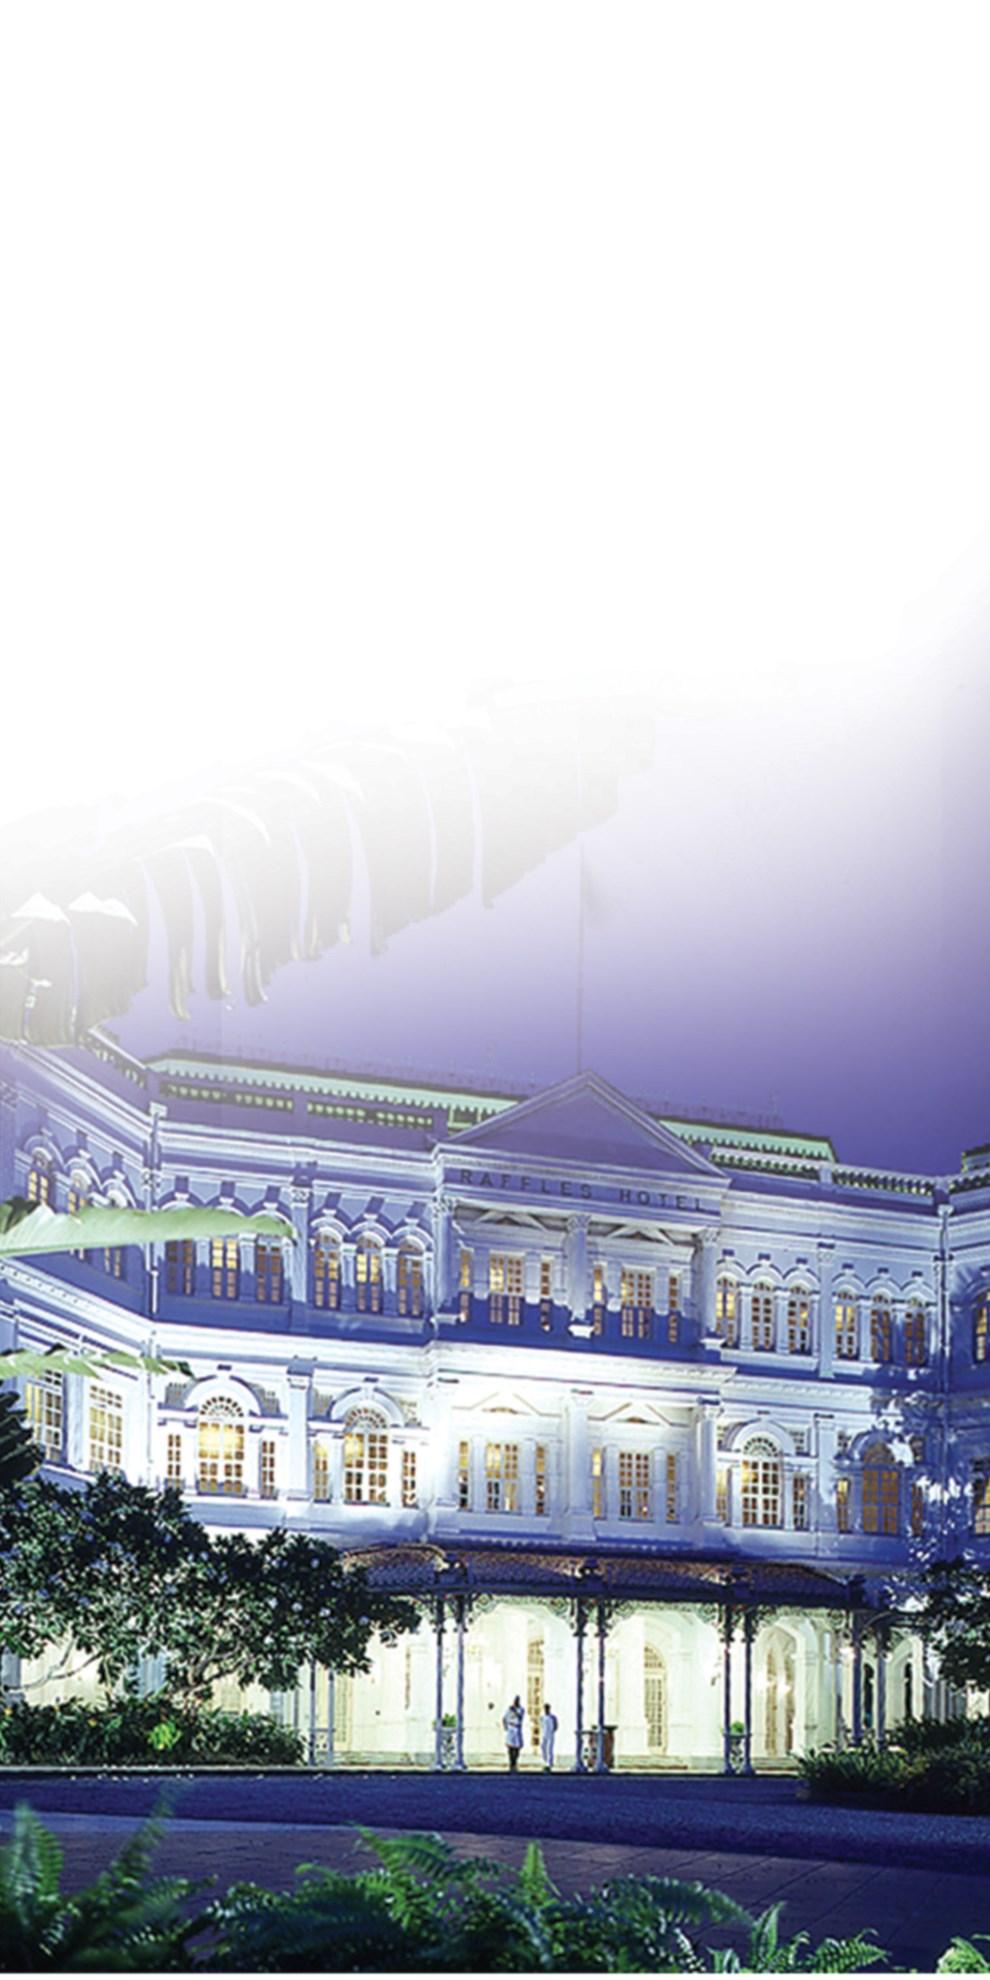 Tour tham quan thành phố Singapore vào buổi tối